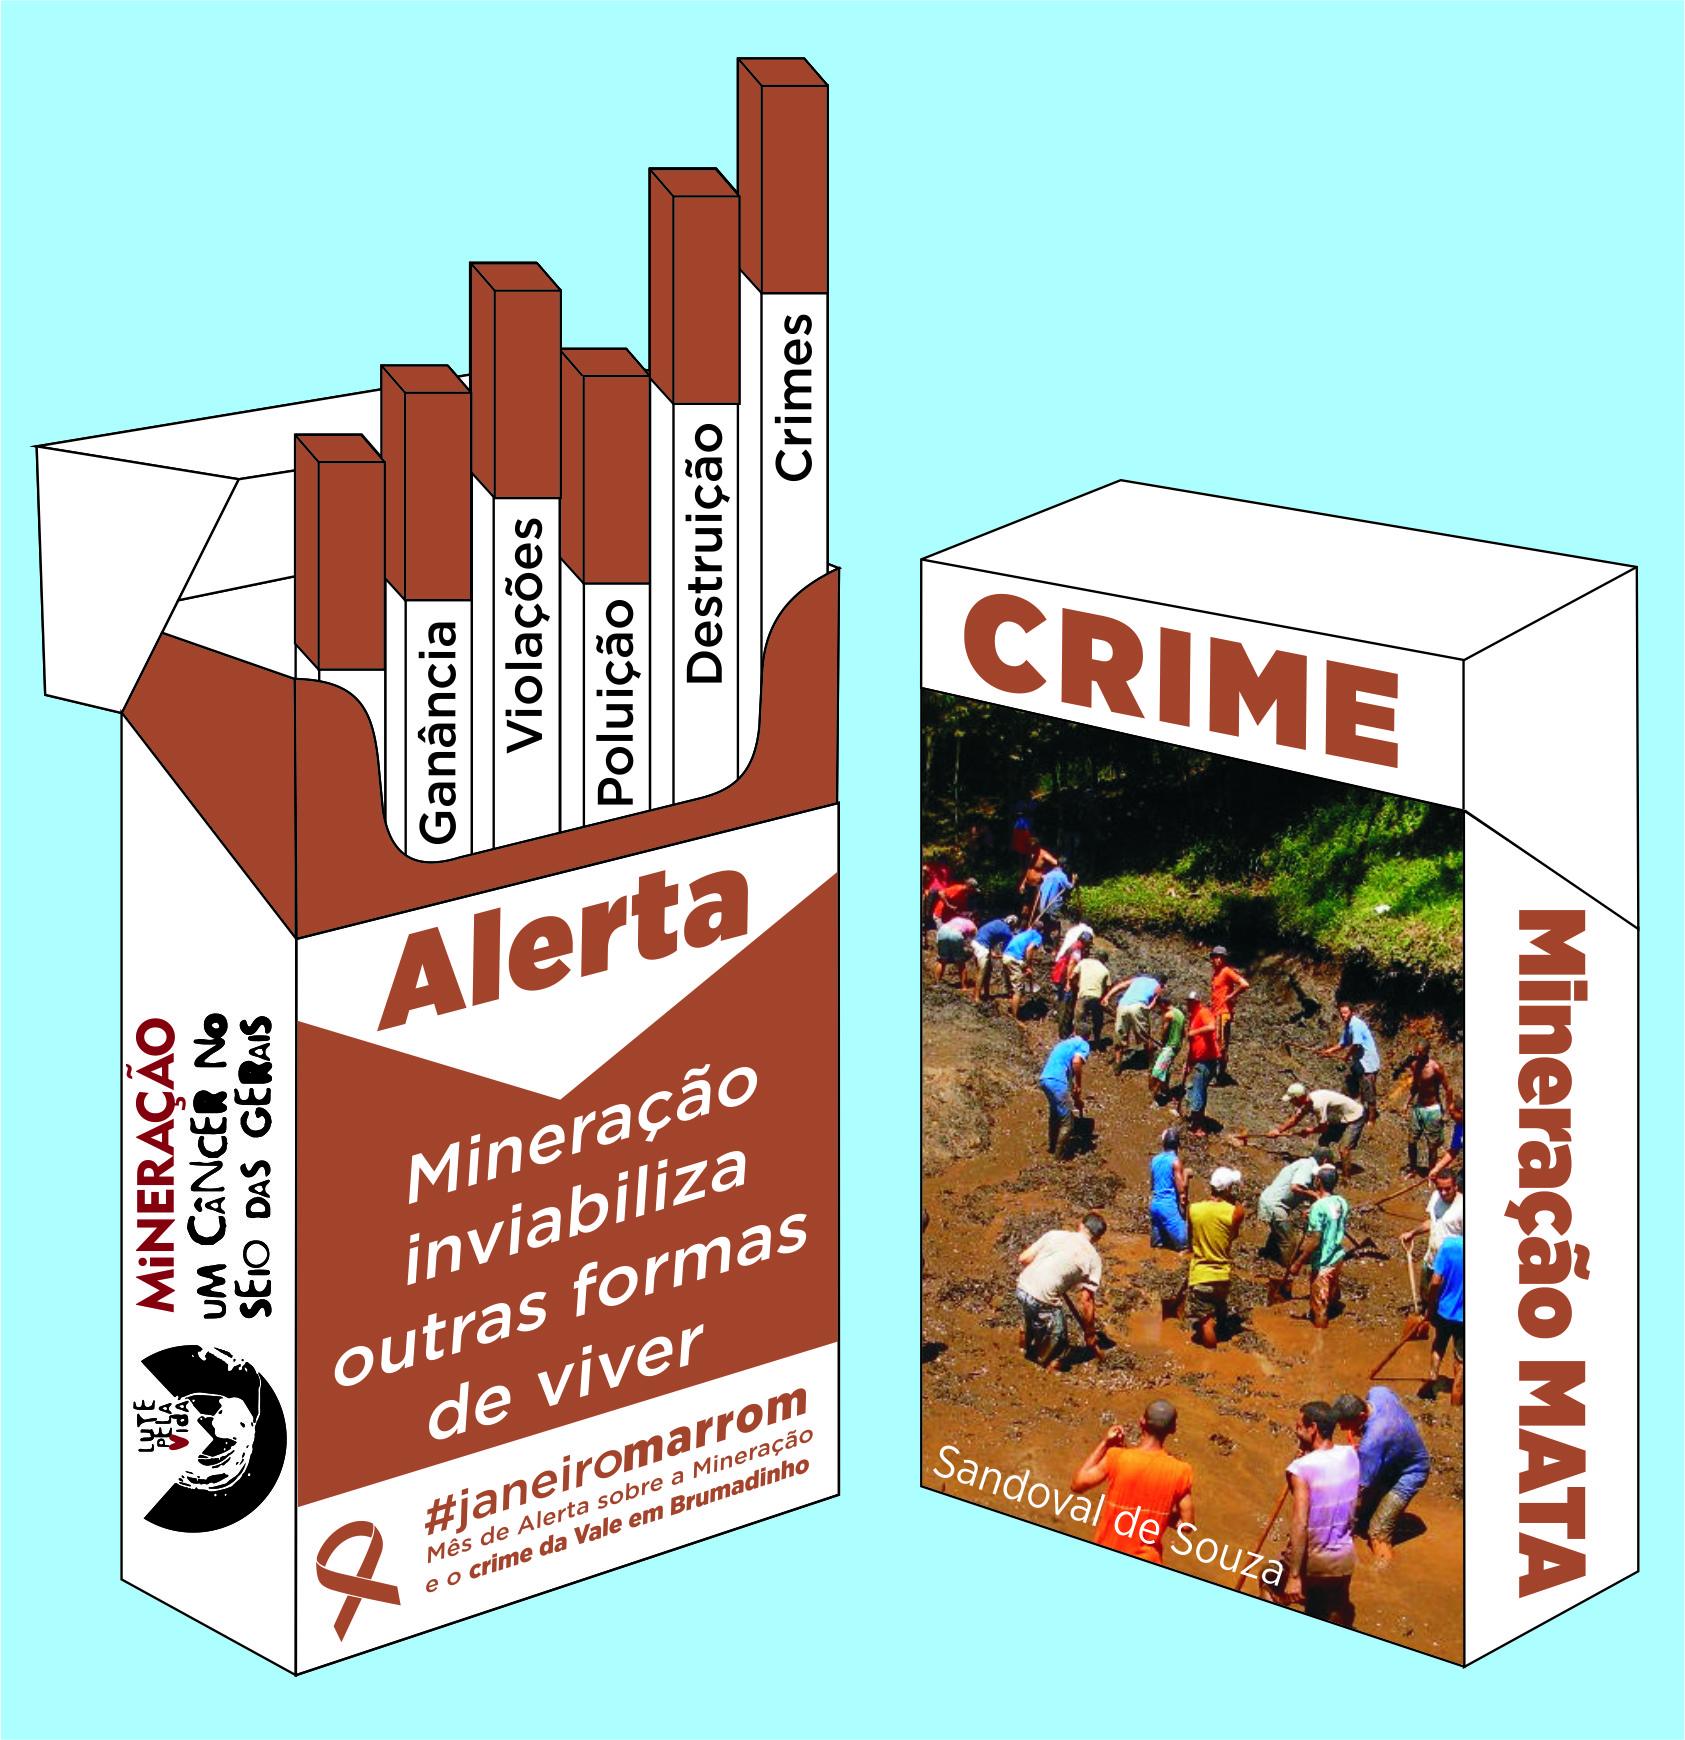 cigarro04 portugues